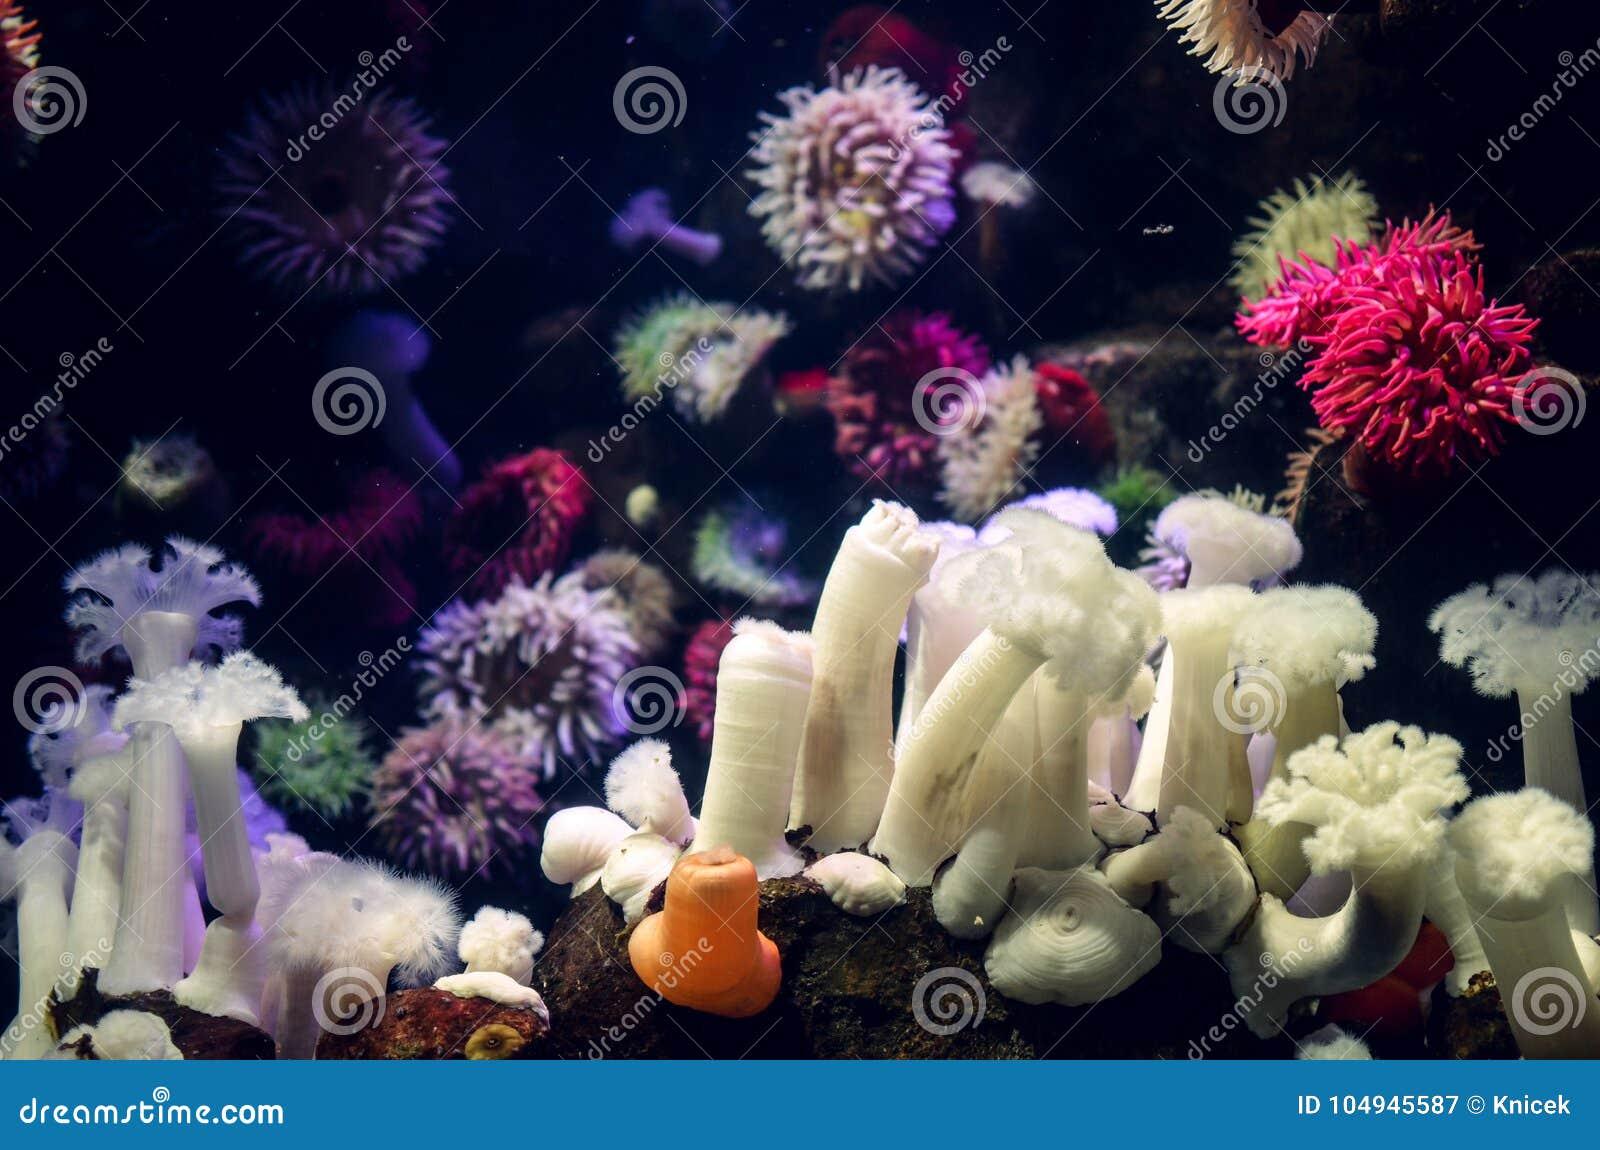 Schöne Bunte Seeanemonen, Einige Verschiedene Arten Warme Farben